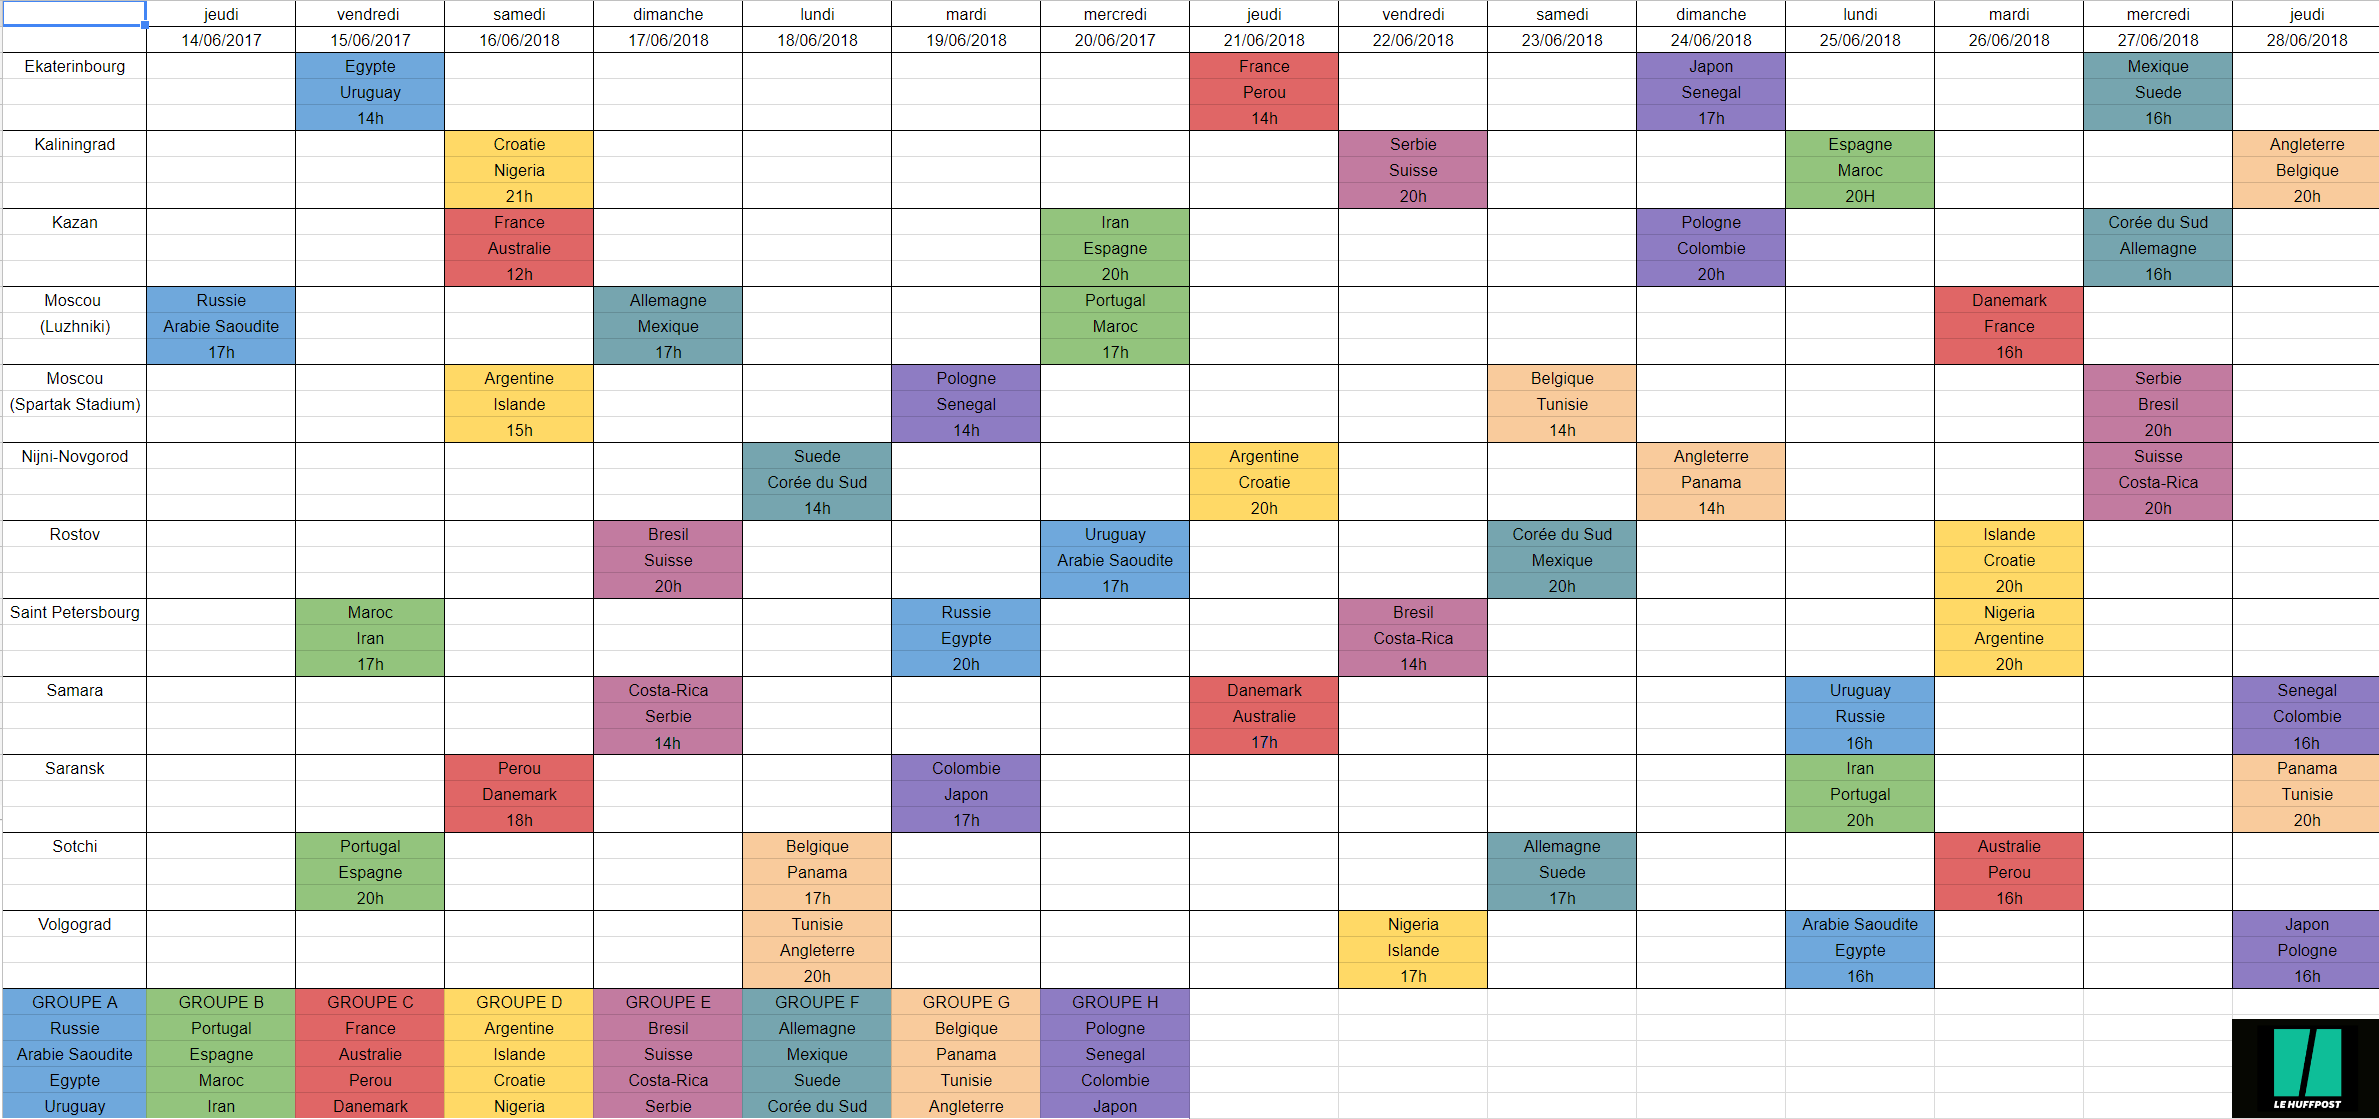 calendrier coupe du monde 2018 les dates et horaires des matches par groupe. Black Bedroom Furniture Sets. Home Design Ideas